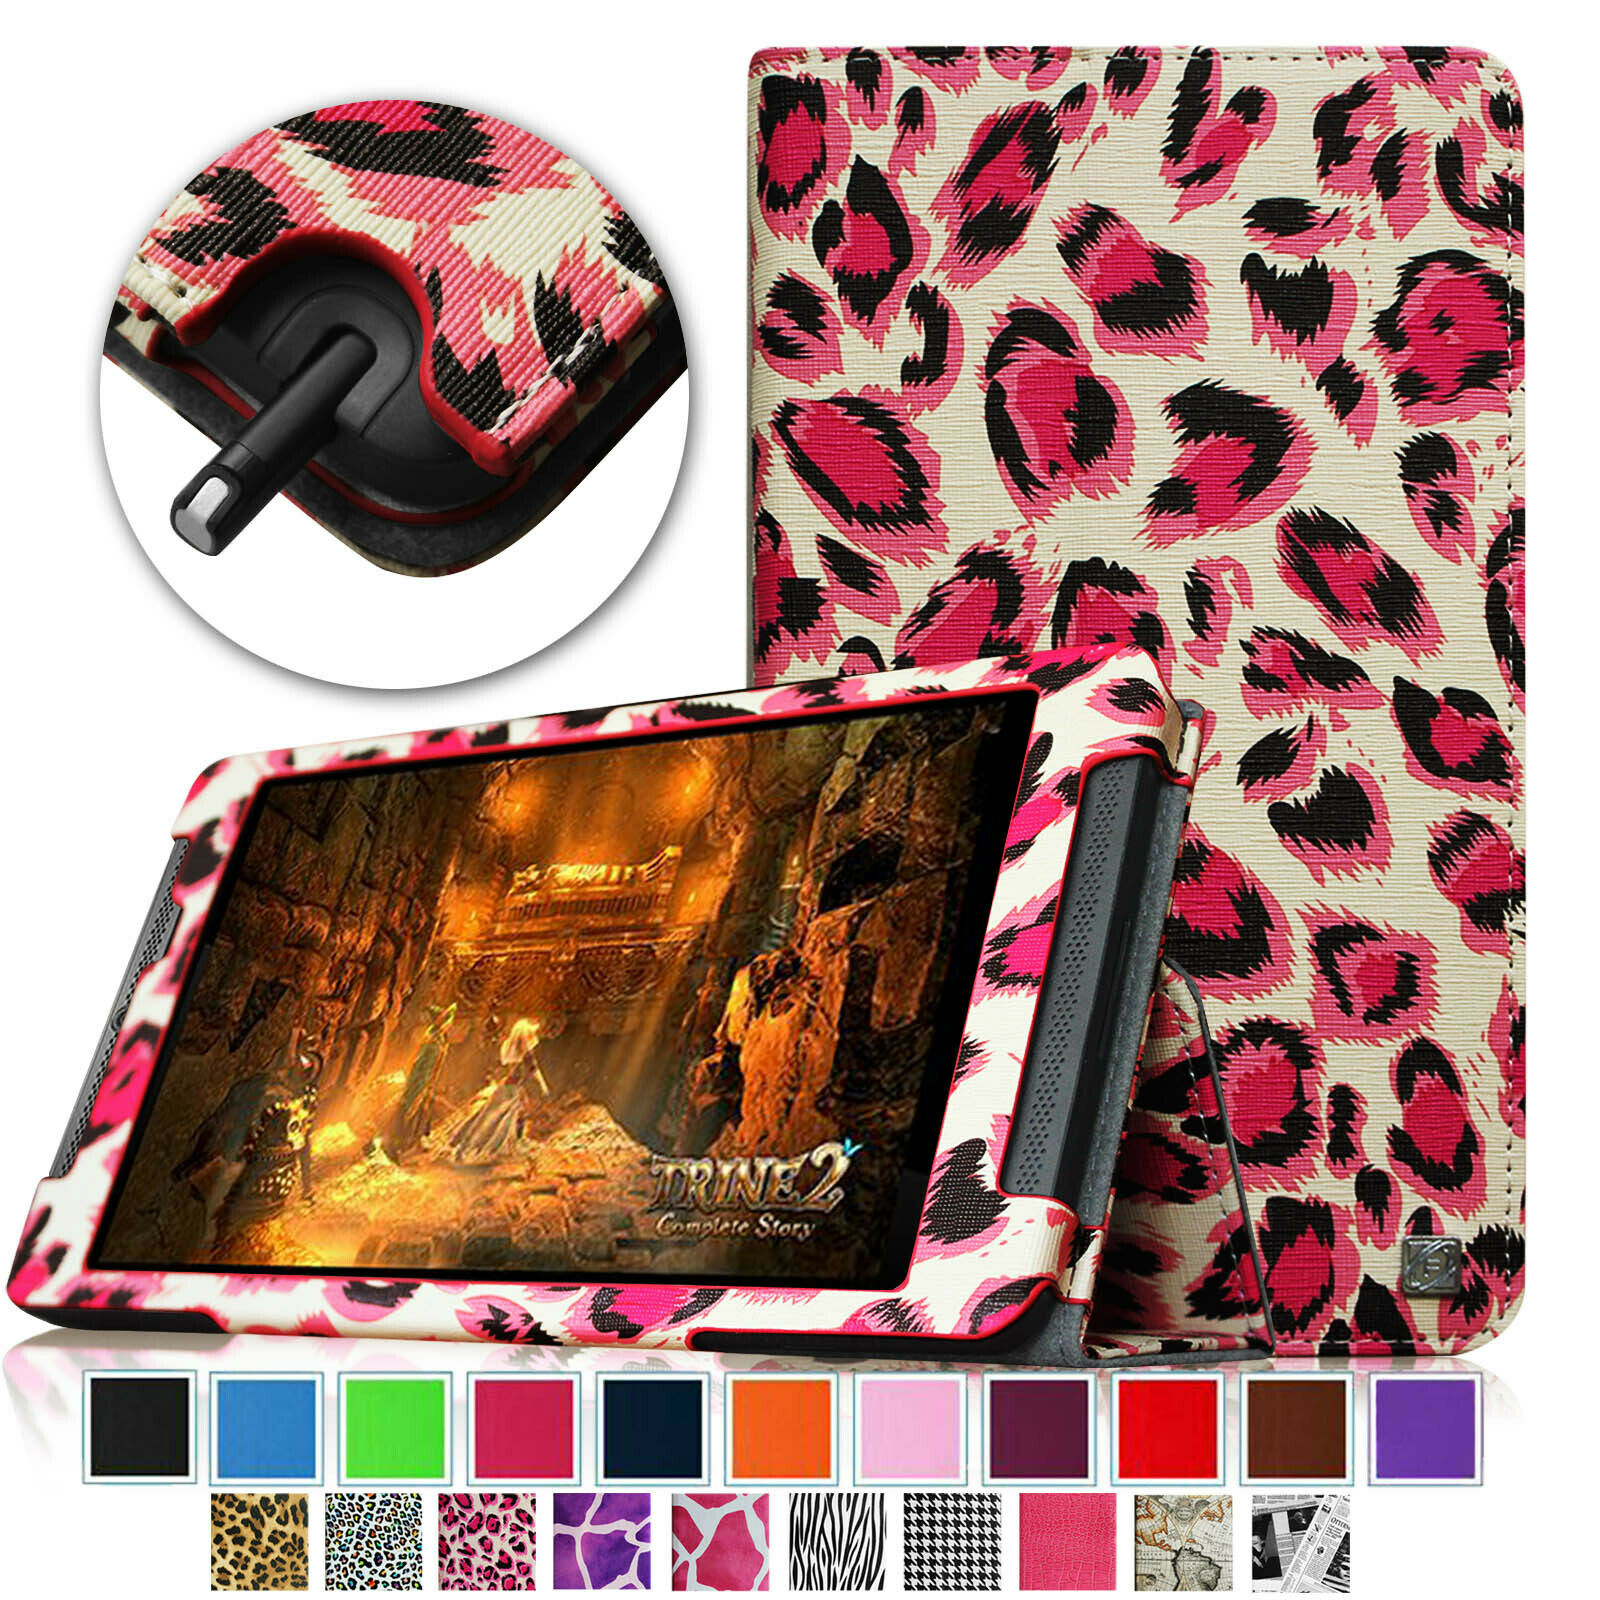 NVIDIA SHIELD Tablet K1 8 / 2014 NVIDIA Shield 2 8-inch Foli